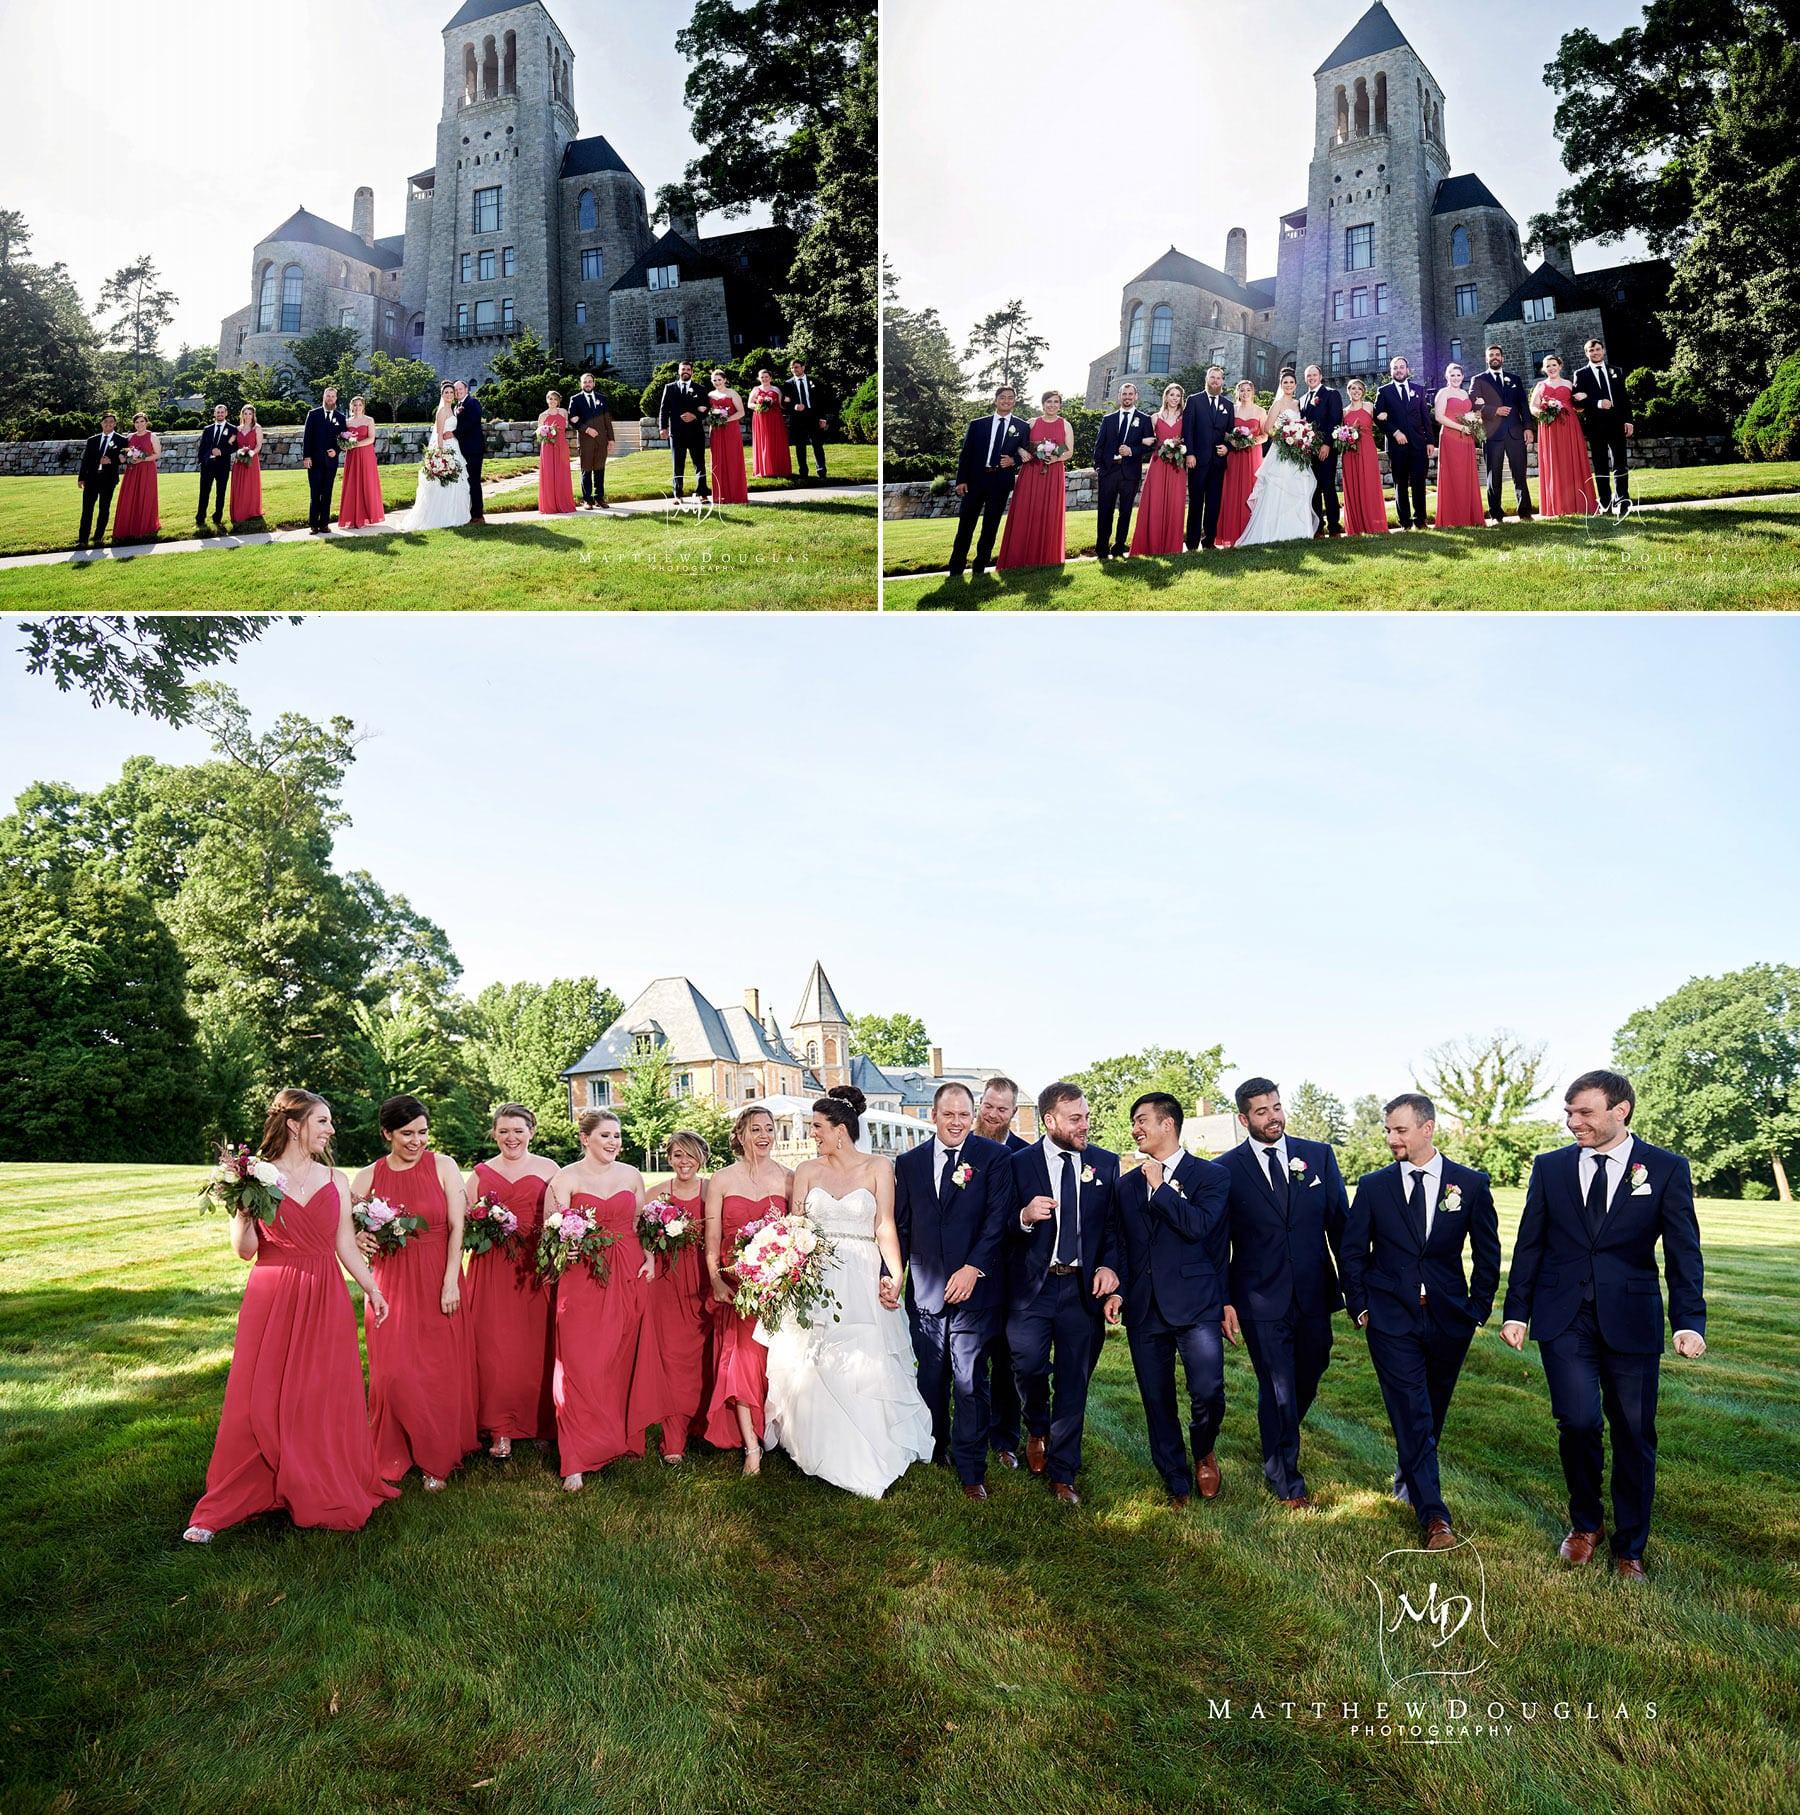 cairnwood estate wedding bridal party photo